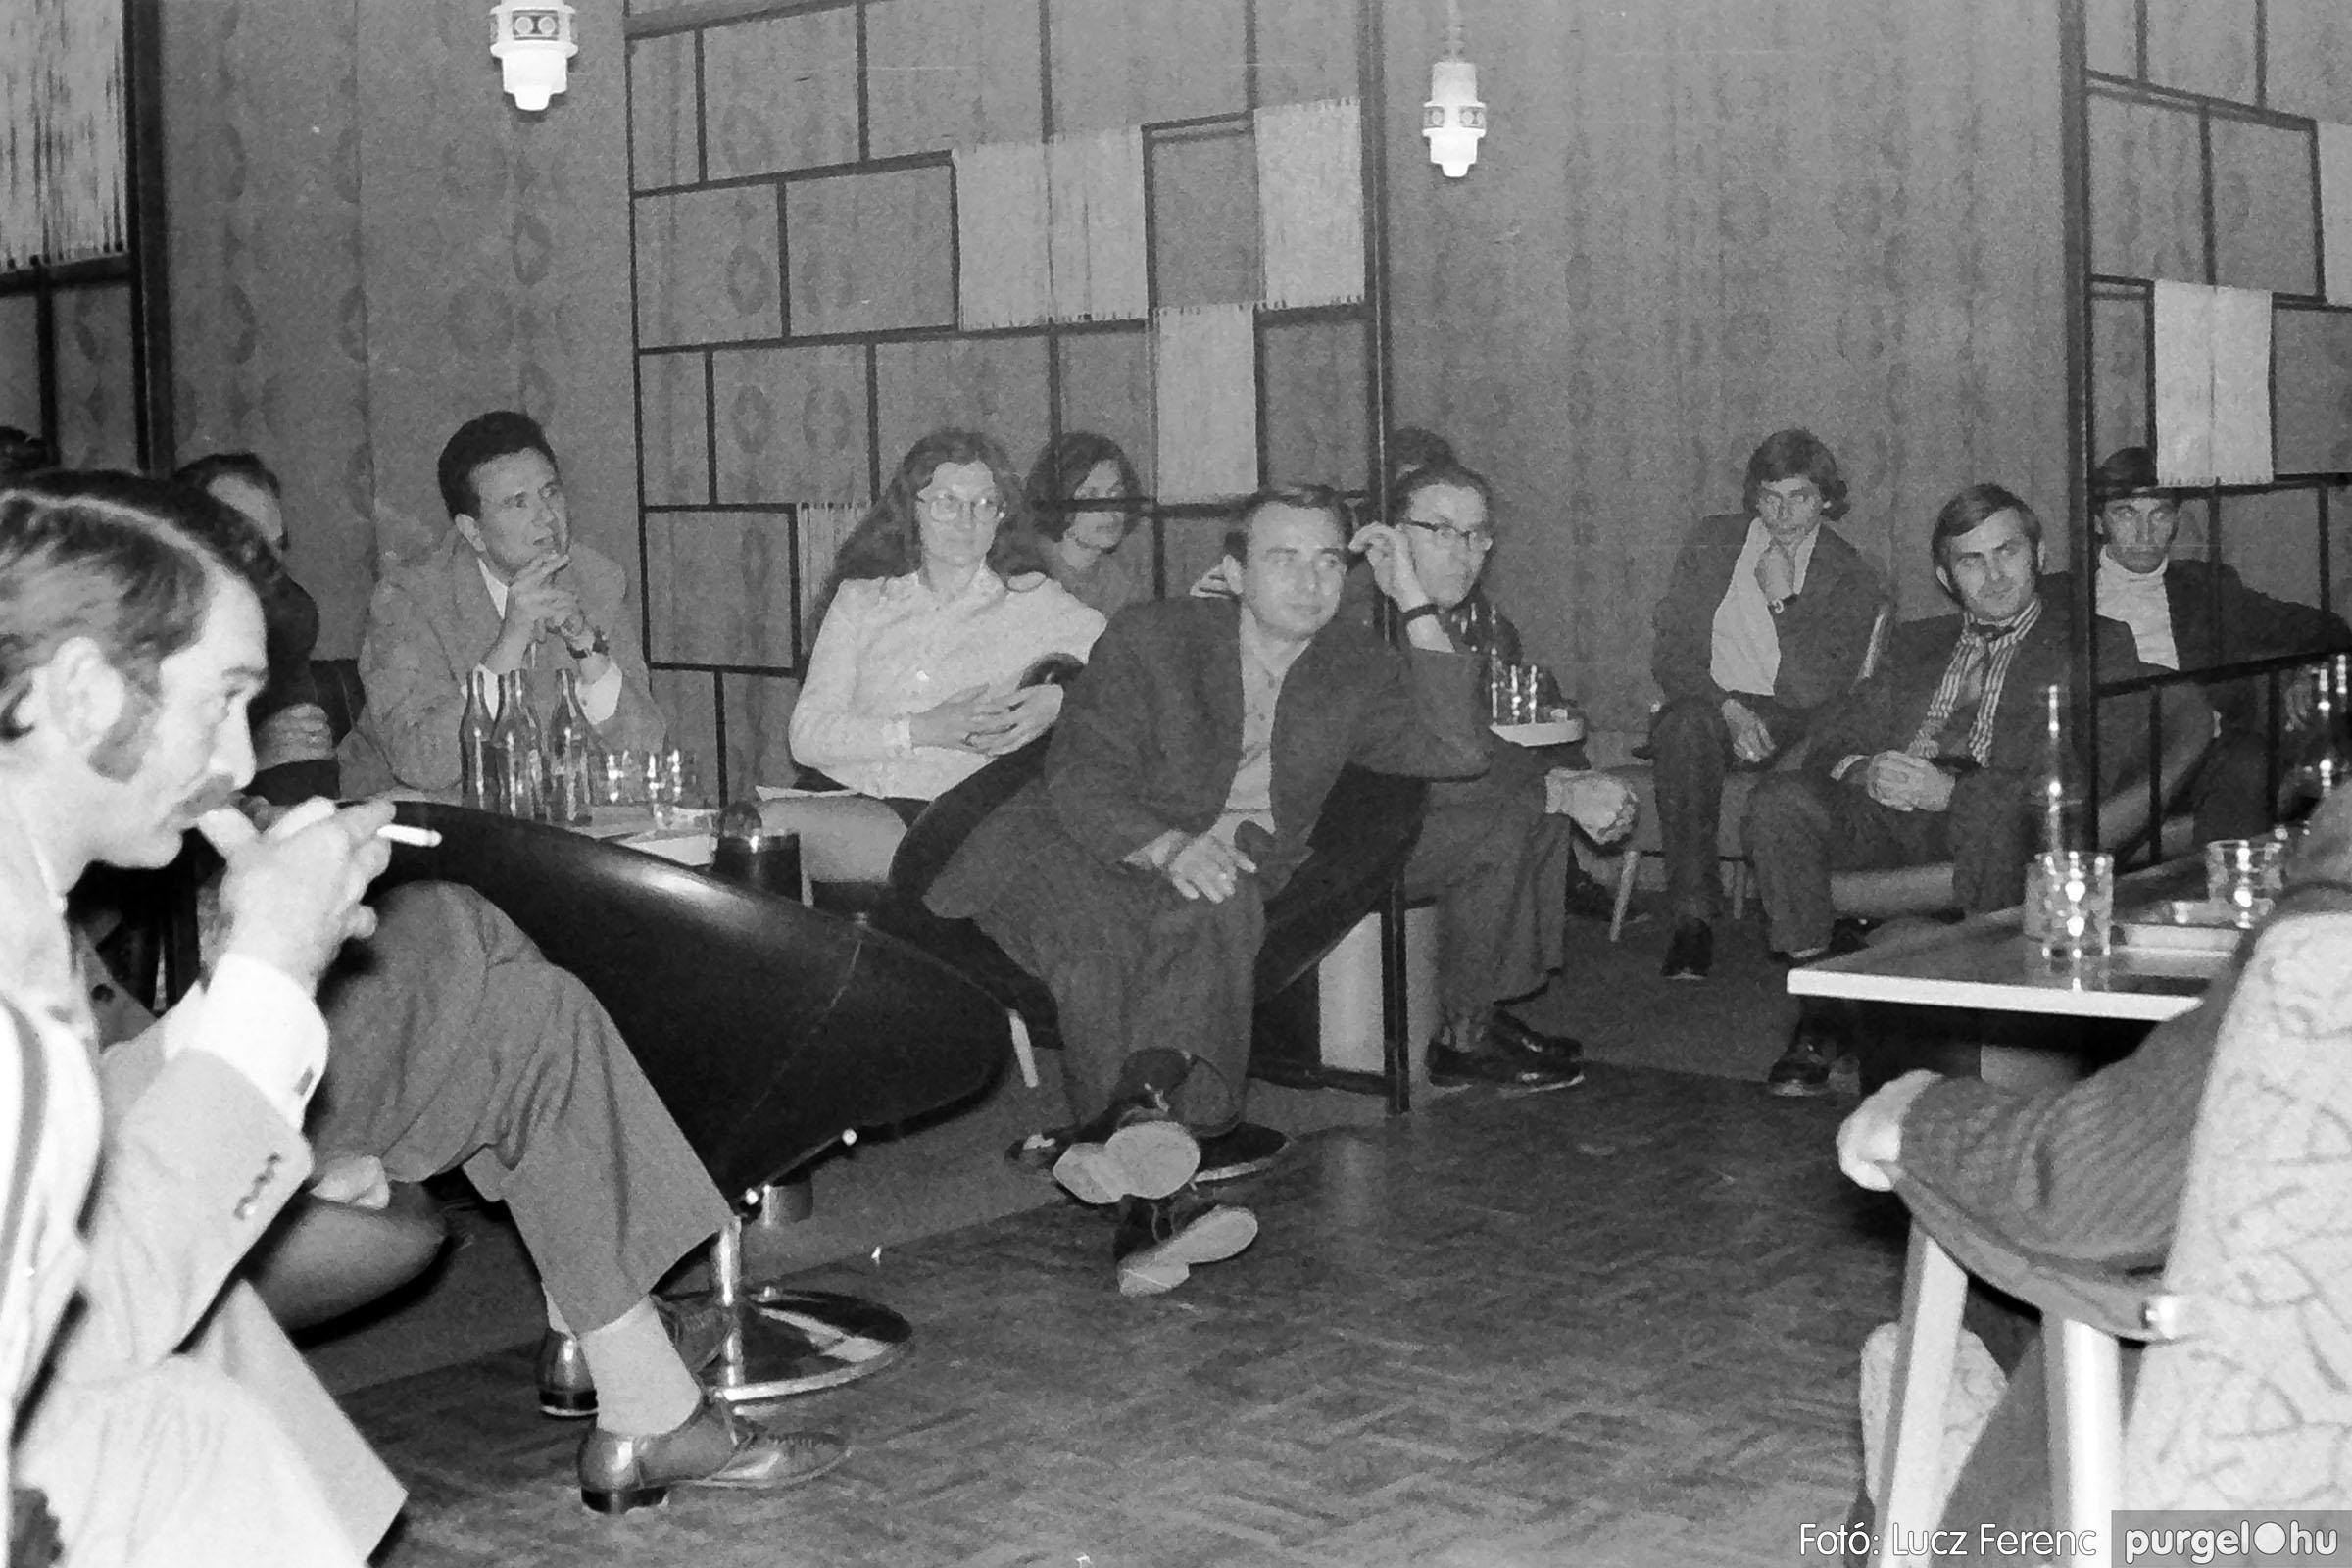 004A 1970-es évek - Ifjúsági klub 007 - Fotó: Lucz Ferenc IMG01168q.jpg